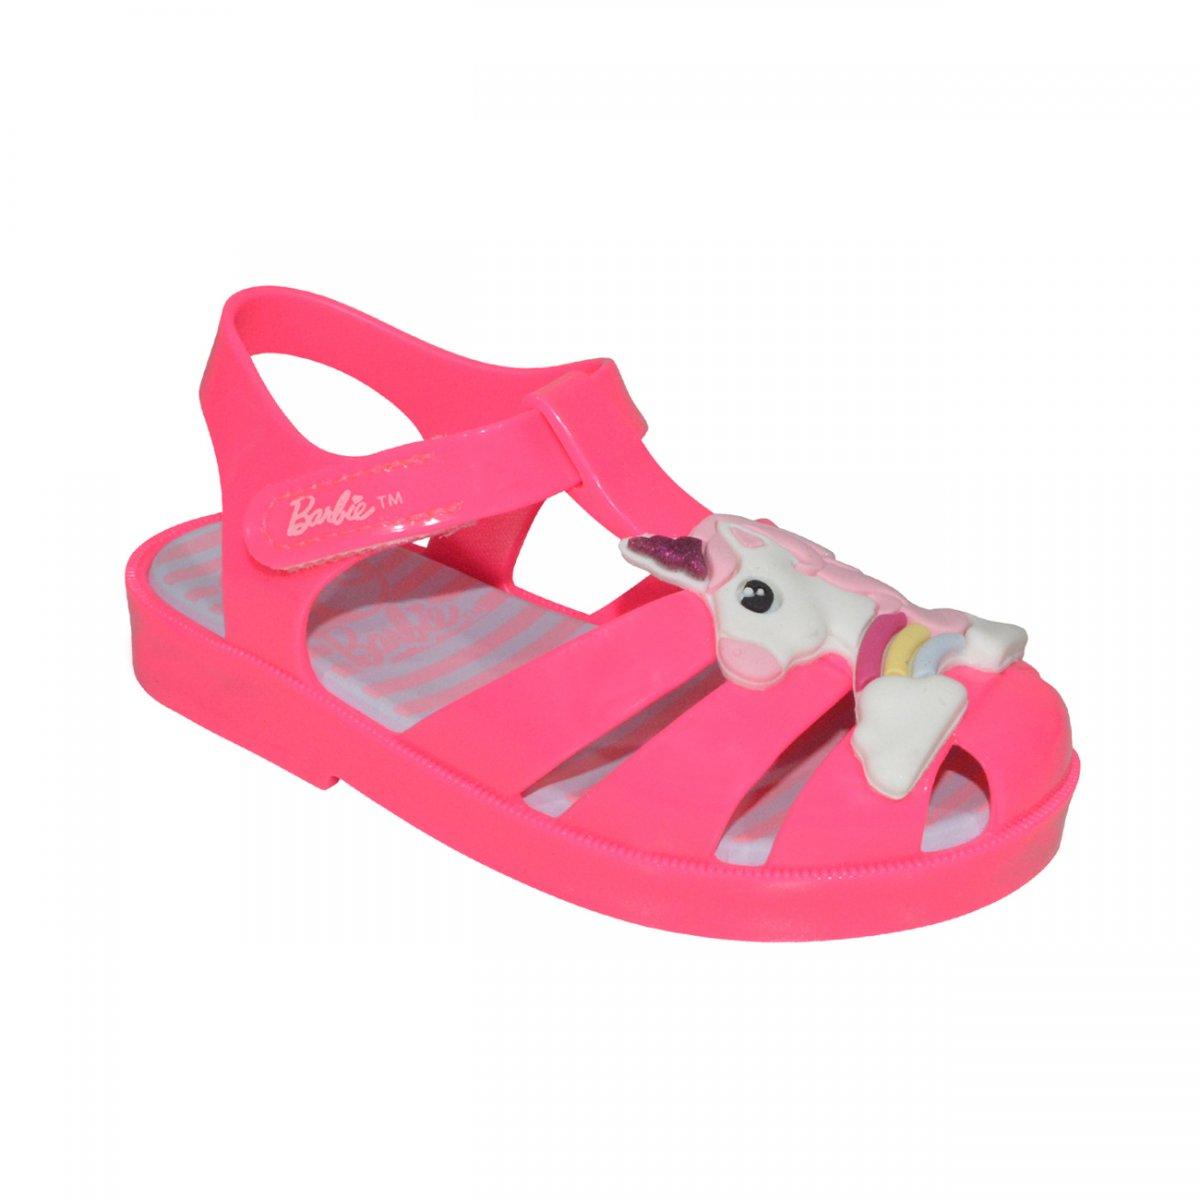 81532fa30 Sandalia Barbie Love 21875 Infantil 21875 - 53489 - Rosa rosa - Chuteira  Nike